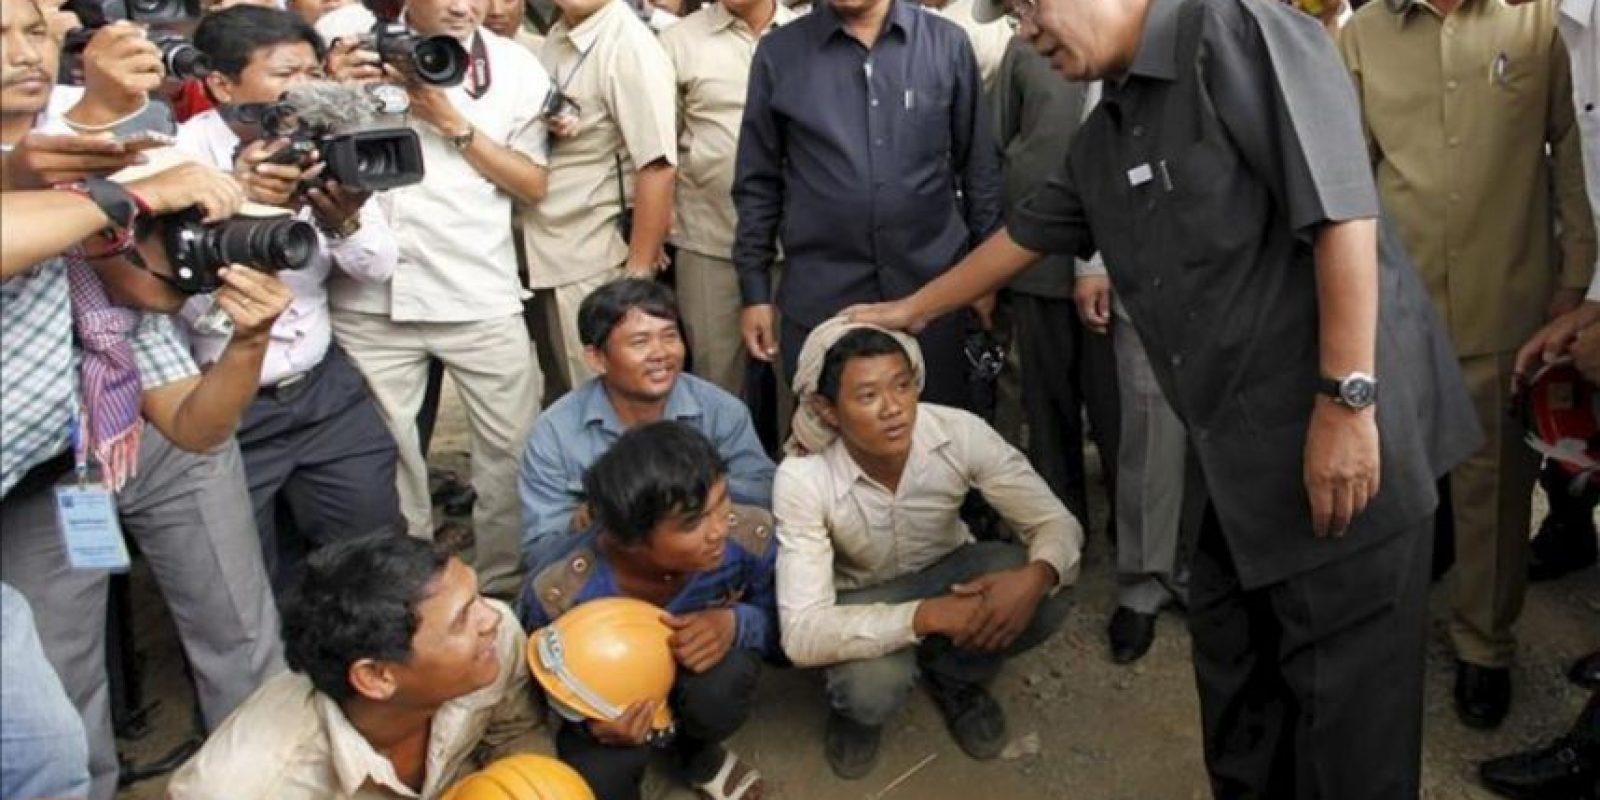 El primer ministro camboyano, Hun Sen (dcha), visita unas obras en Phnom Penh (Camboya). EFE